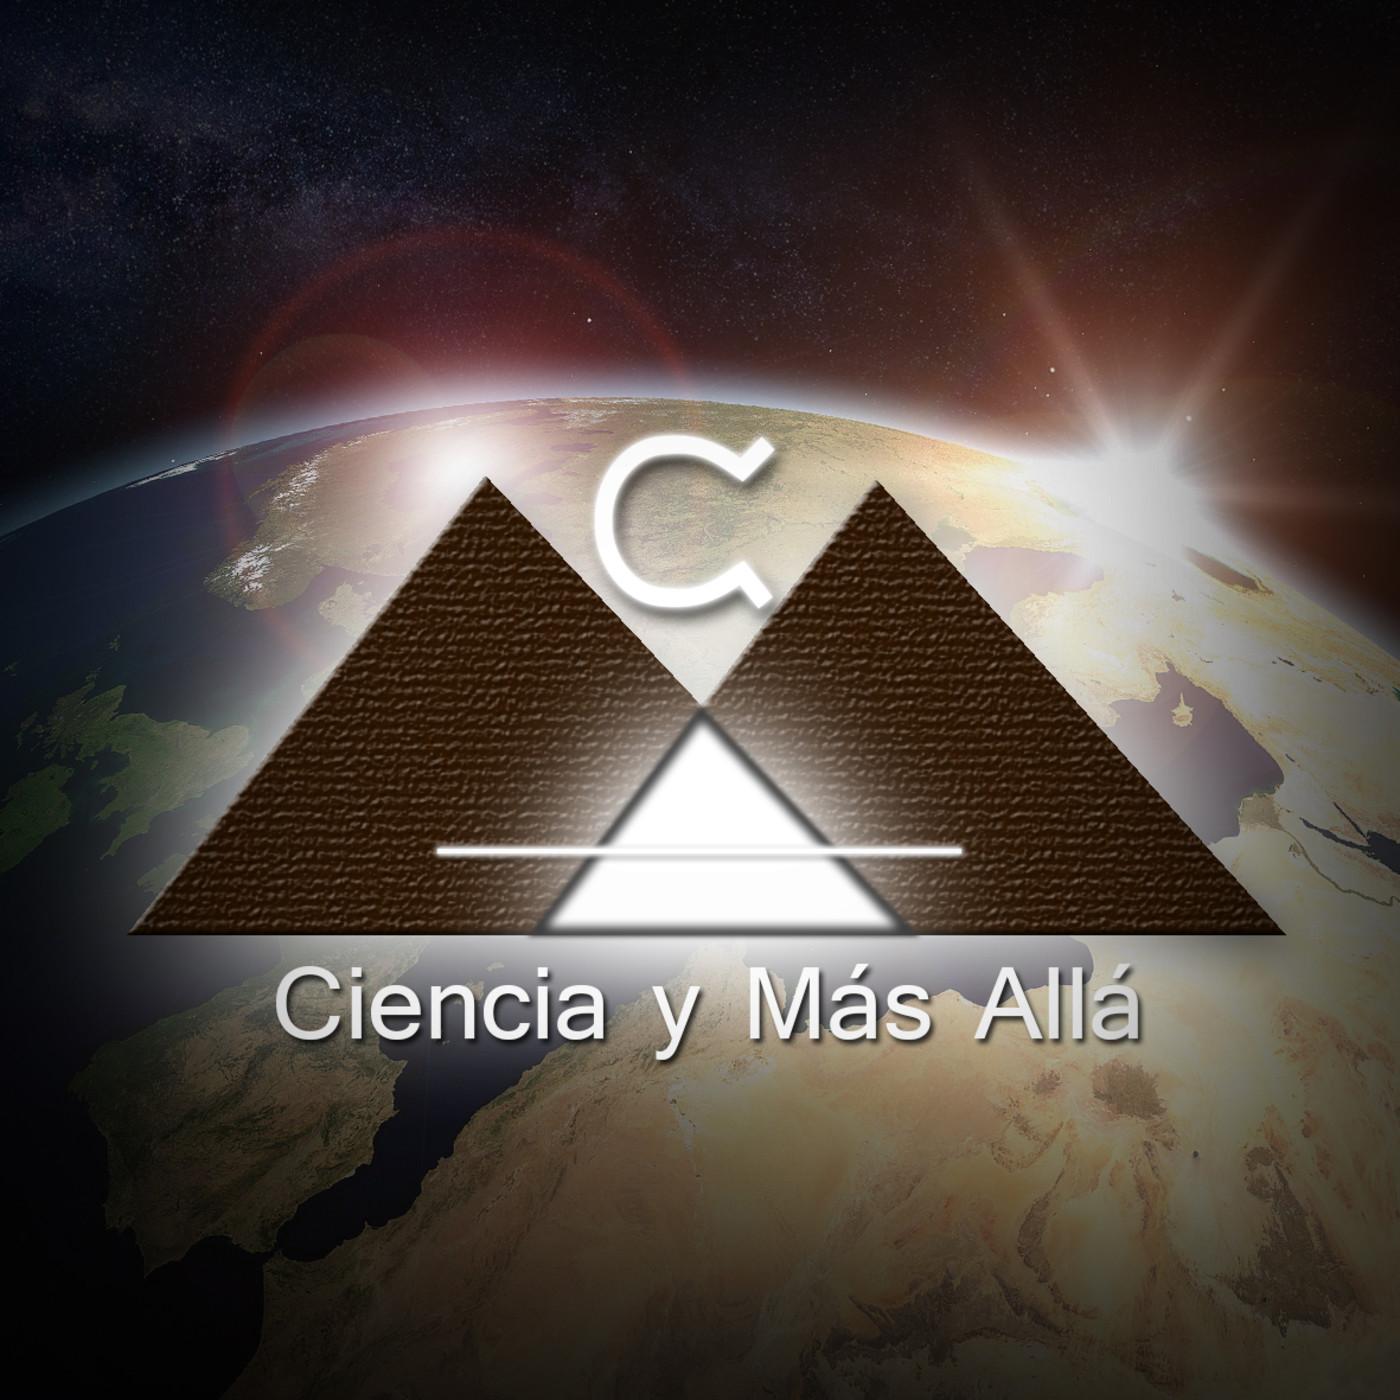 CIENCIA Y MAS ALLA